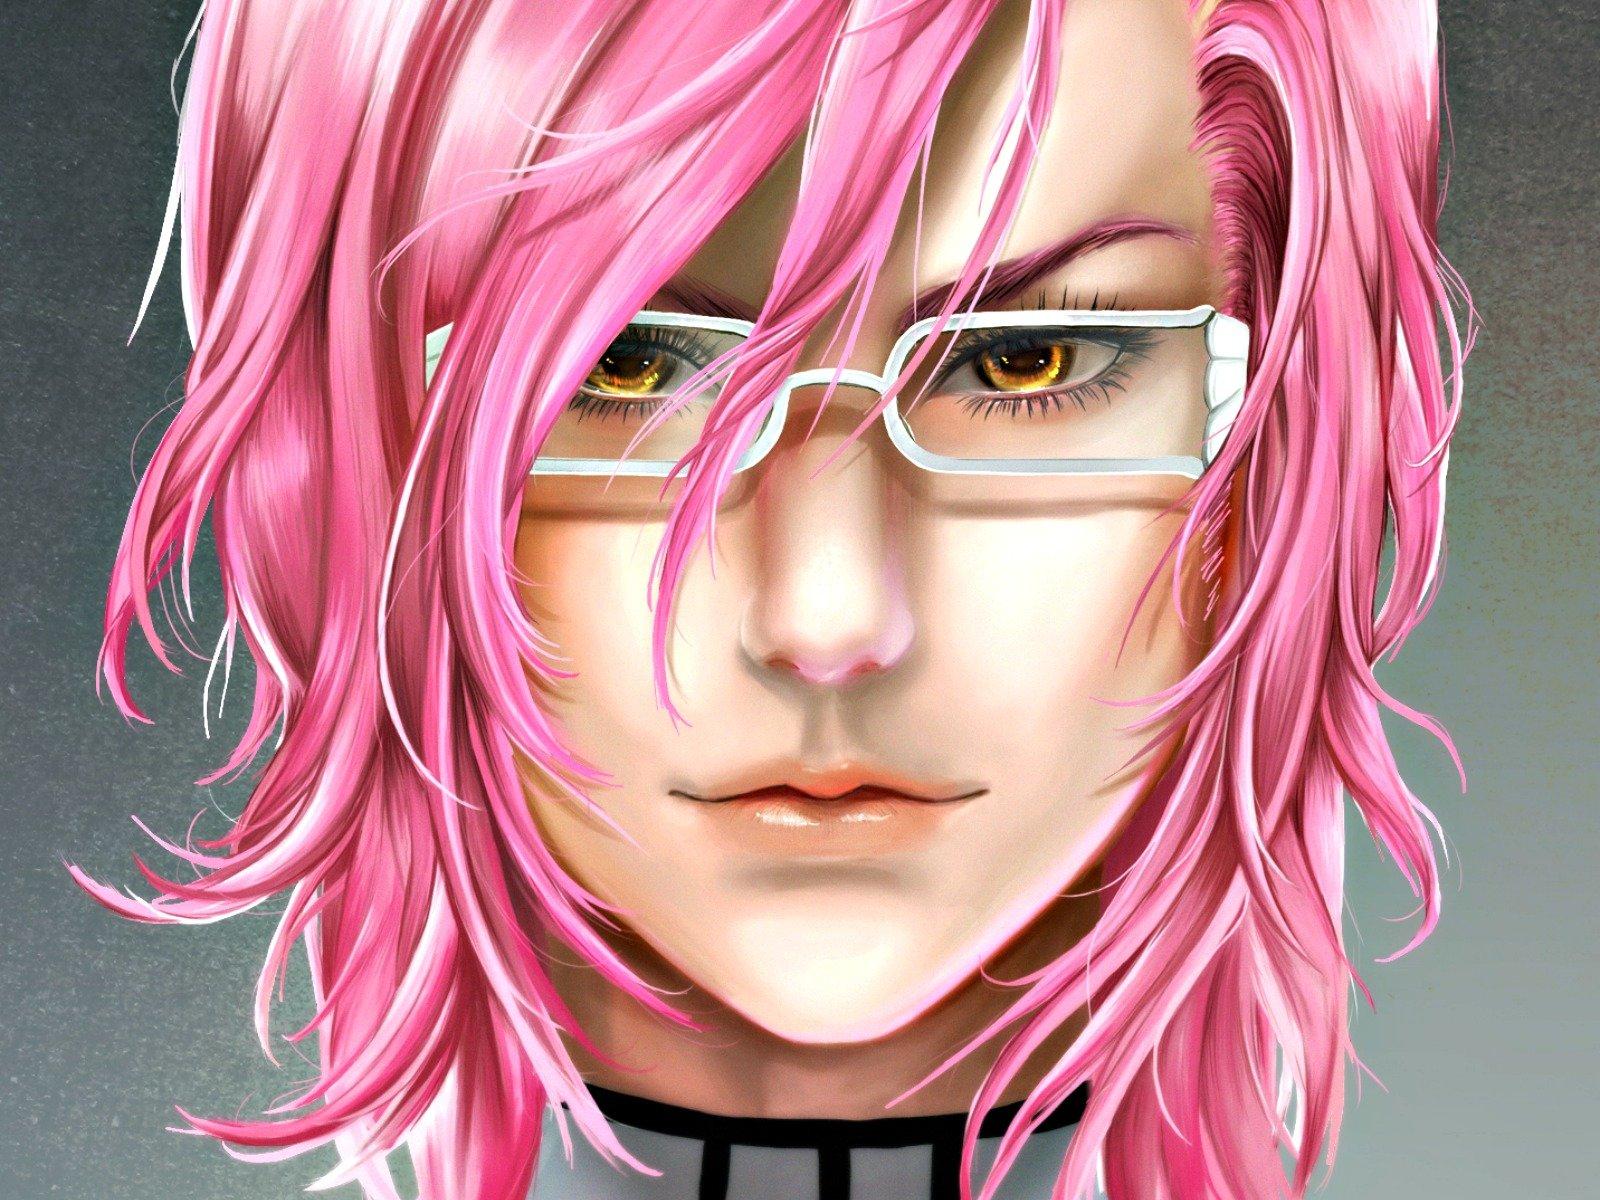 Anime character bleach pink hair wallpaper 1600x1200 696264 wallpaperup